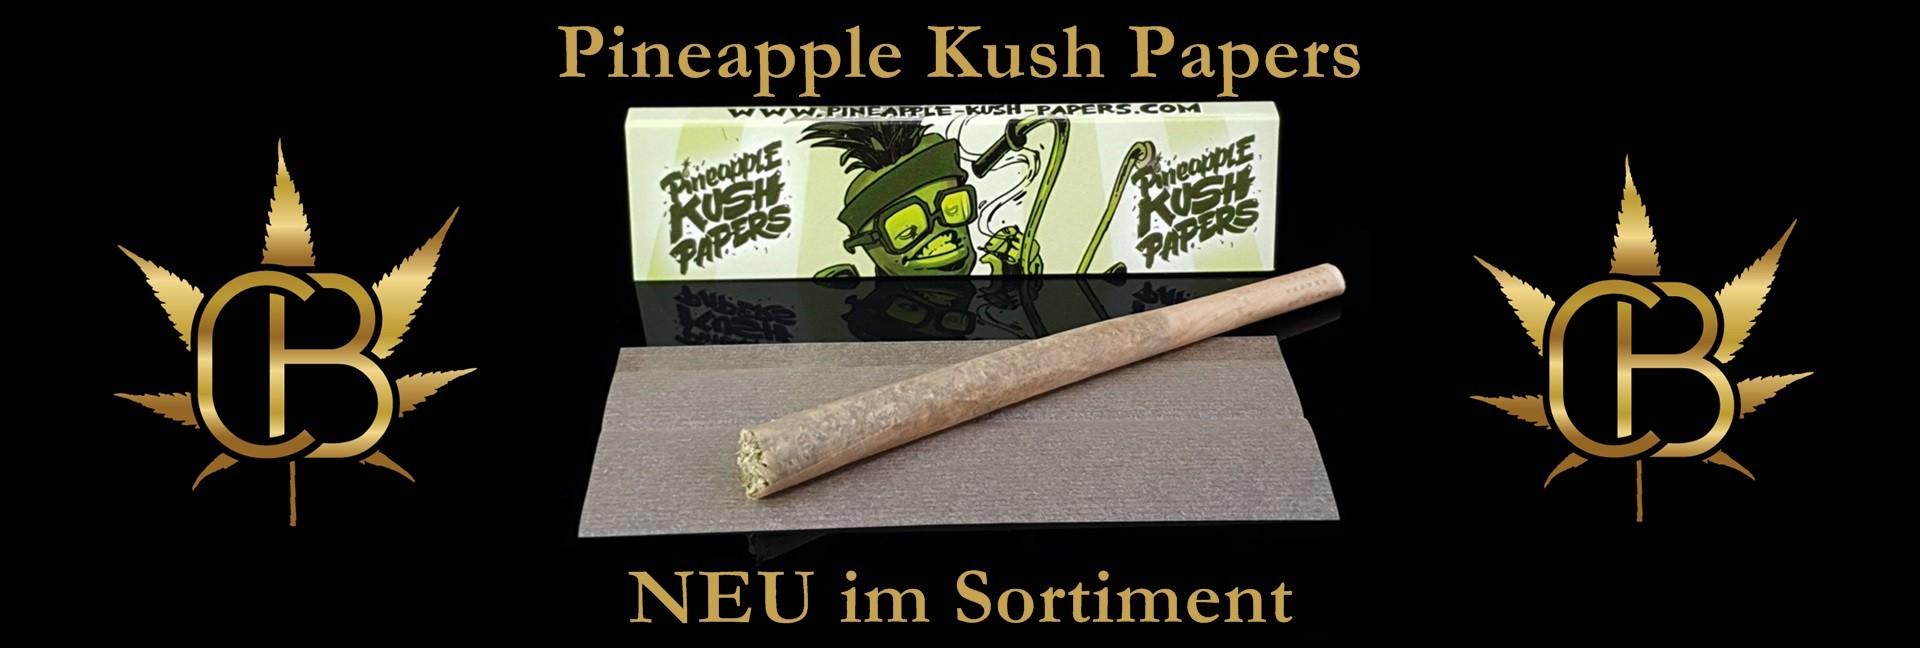 Pineapple Kush Papers